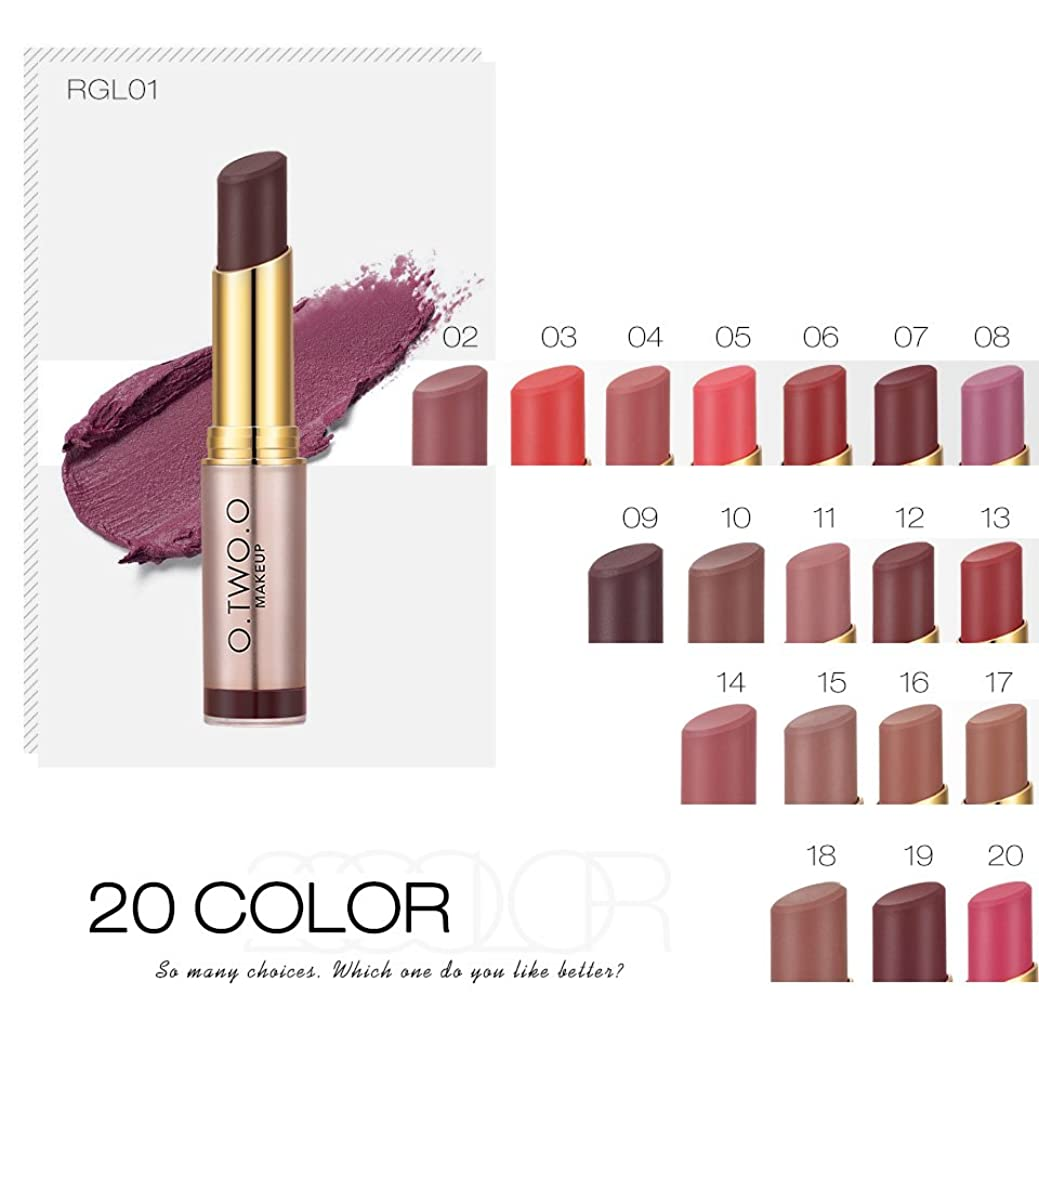 気絶させる最初に存在(RGL12) Brand Wholesale Beauty Makeup Lipstick Popular Colors Best Seller Long Lasting Lip Kit Matte Lip Cosmetics